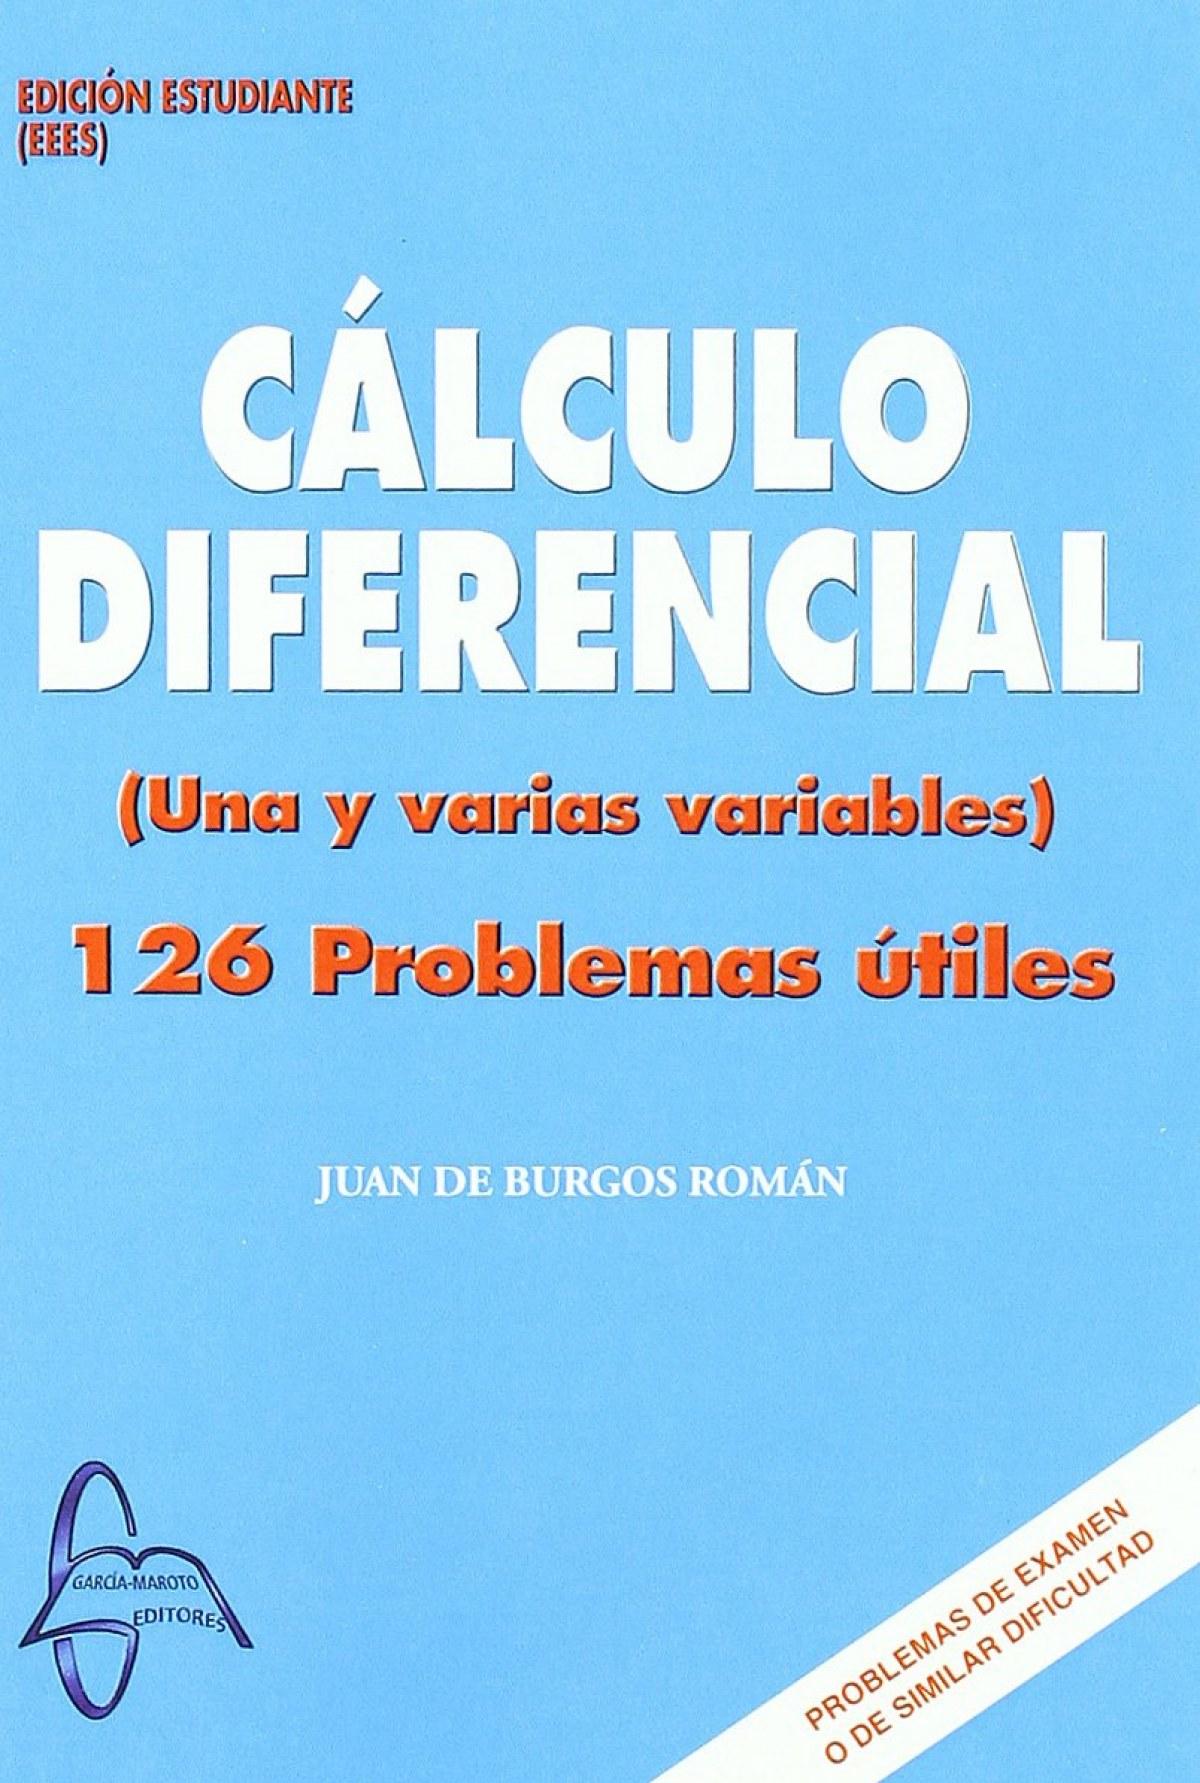 CÁLCULO DIFERENCIAL (UNA Y VARIAS VARIABLES)